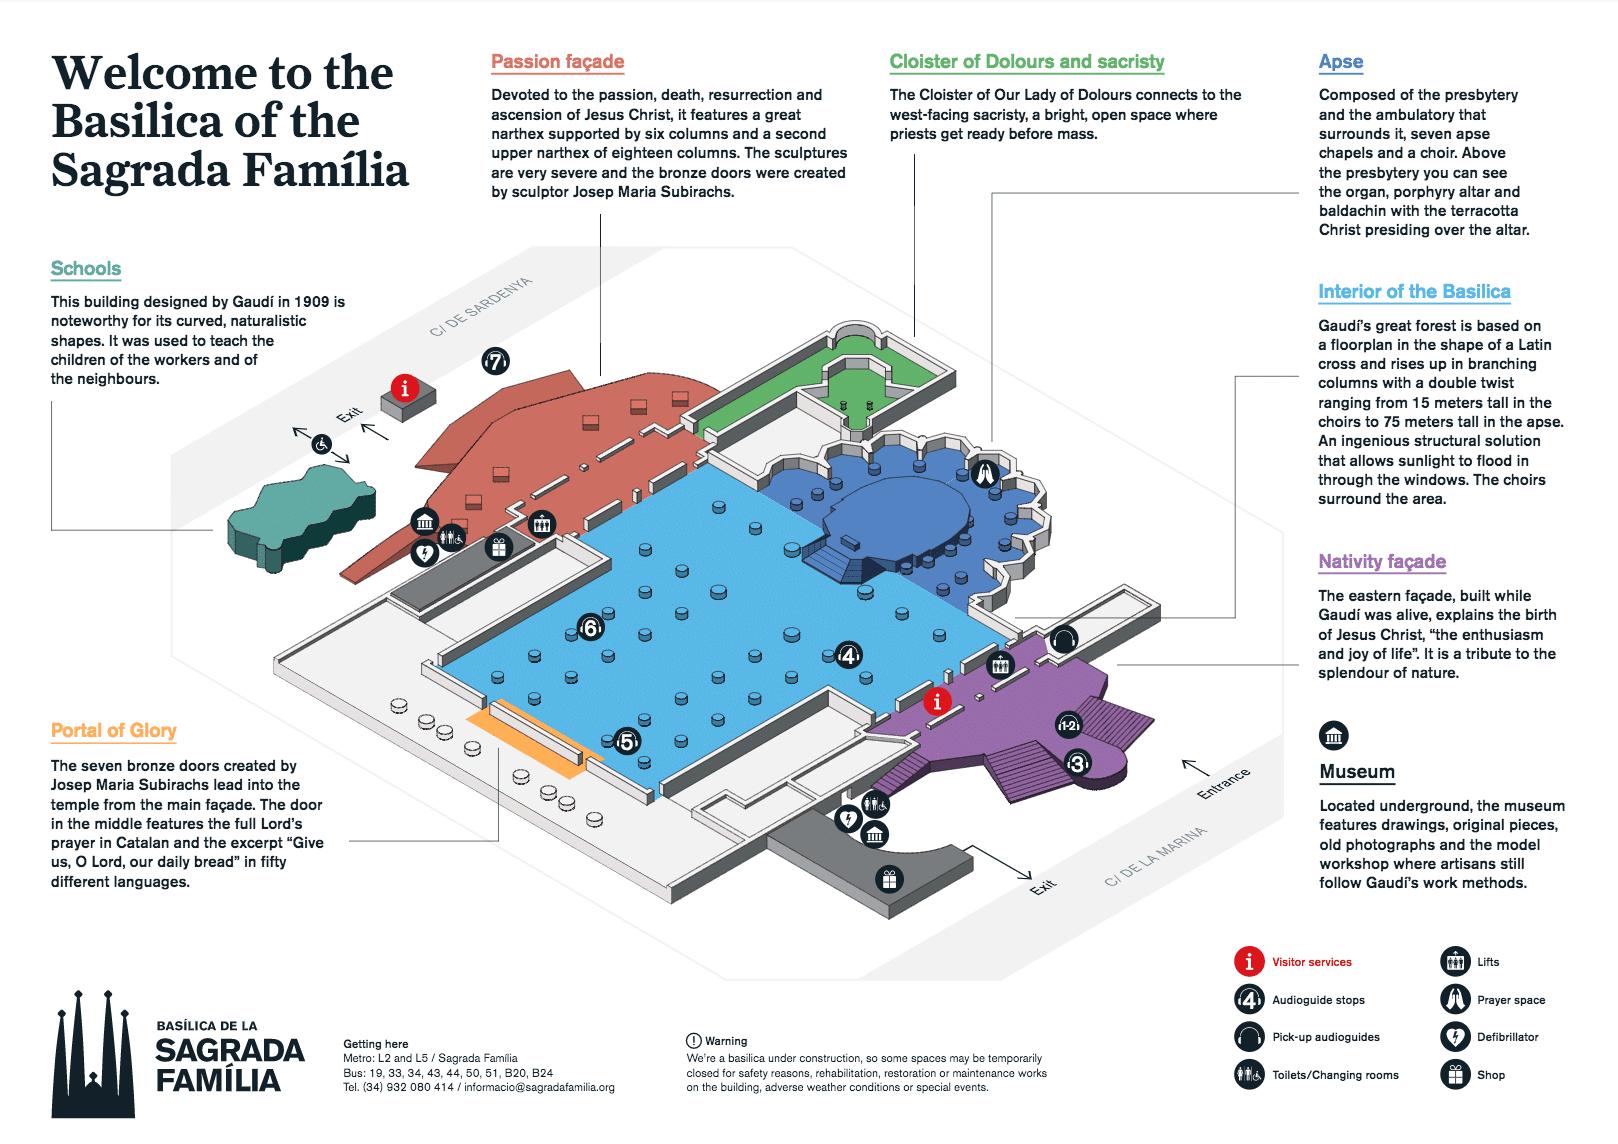 Map of Sagrada Familia - Courtesy of the Sagrada Familia Foundation